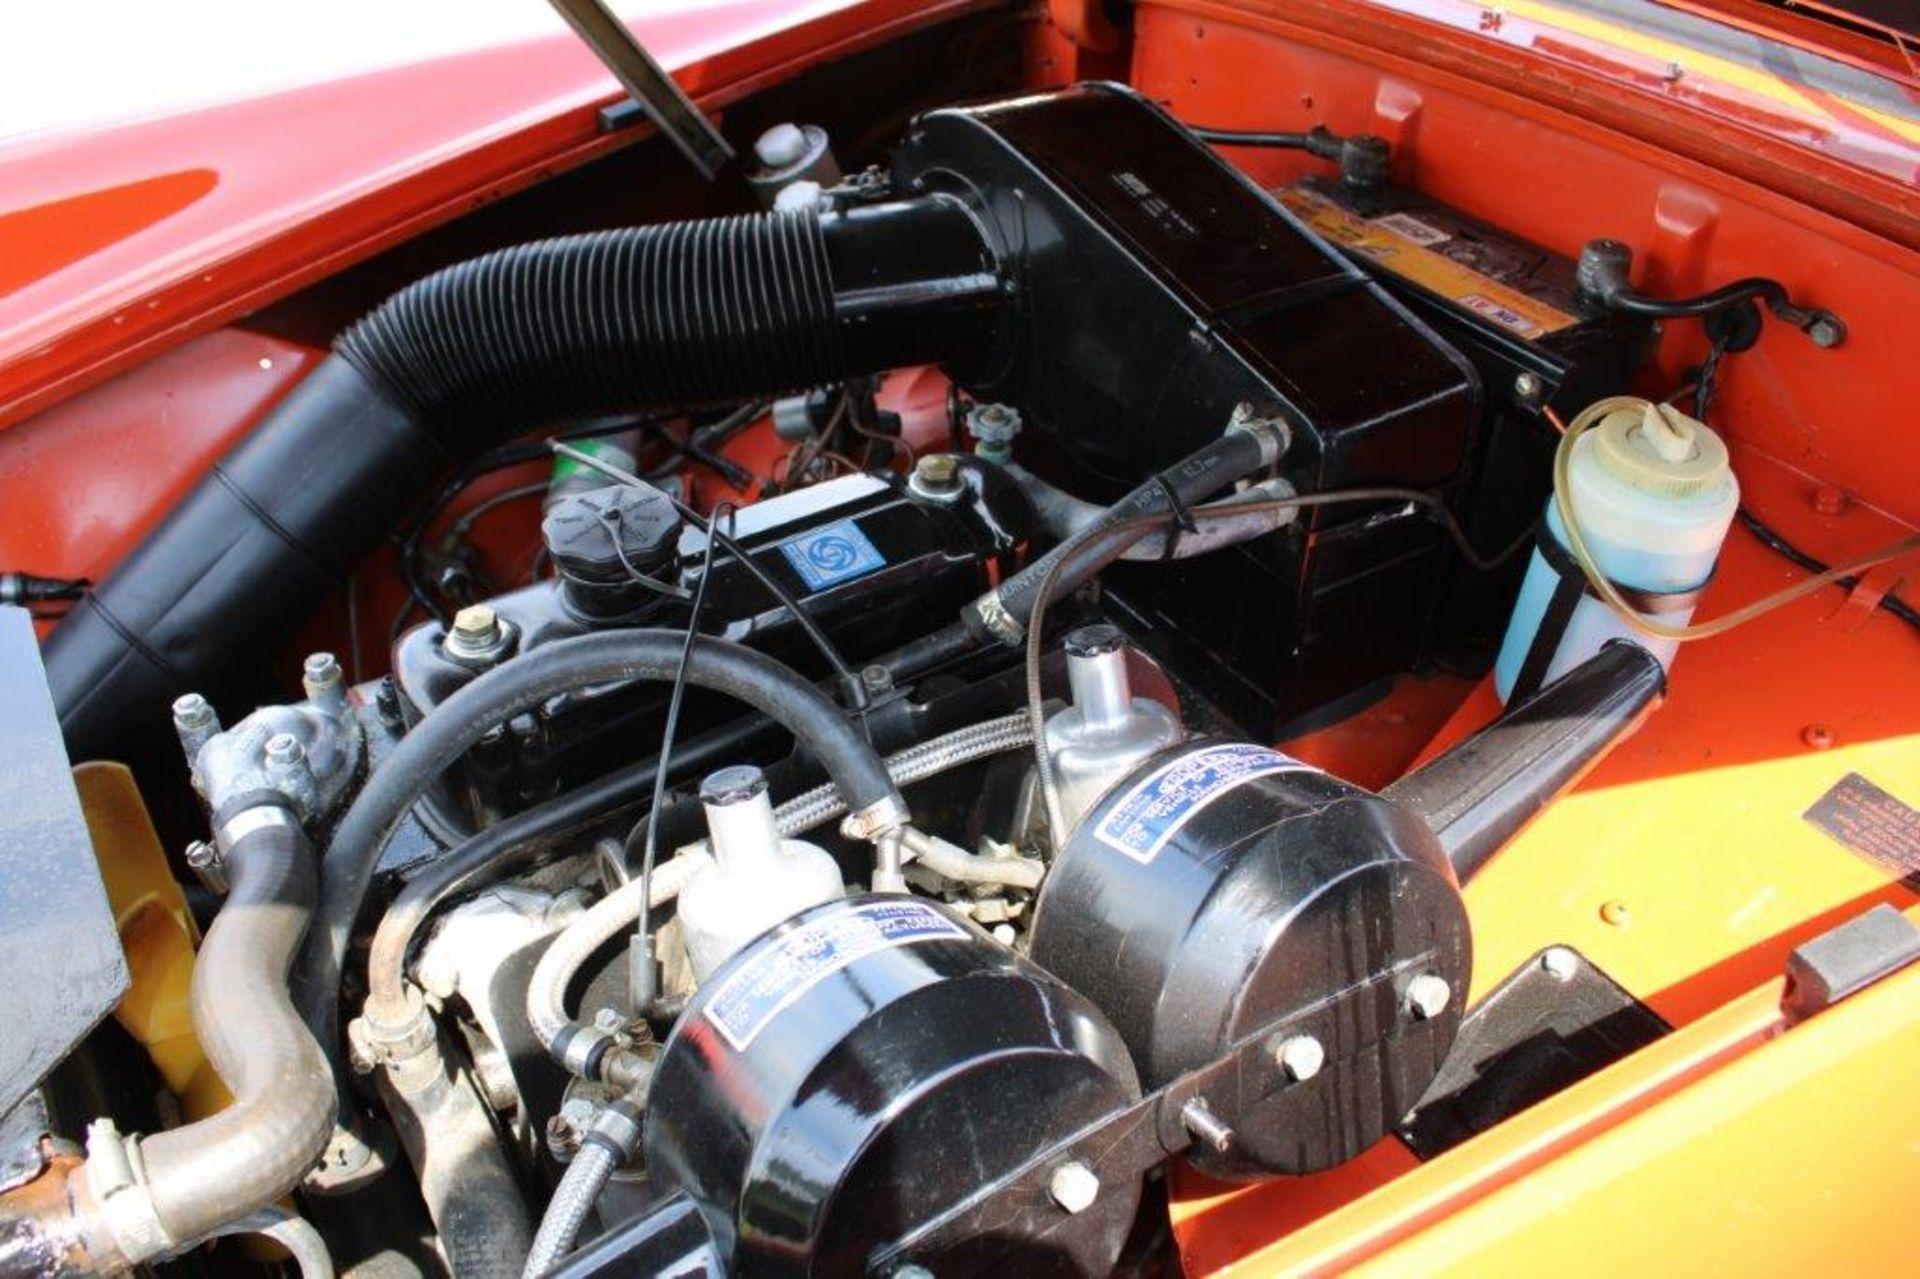 1974 MG Midget MK III - Image 17 of 30